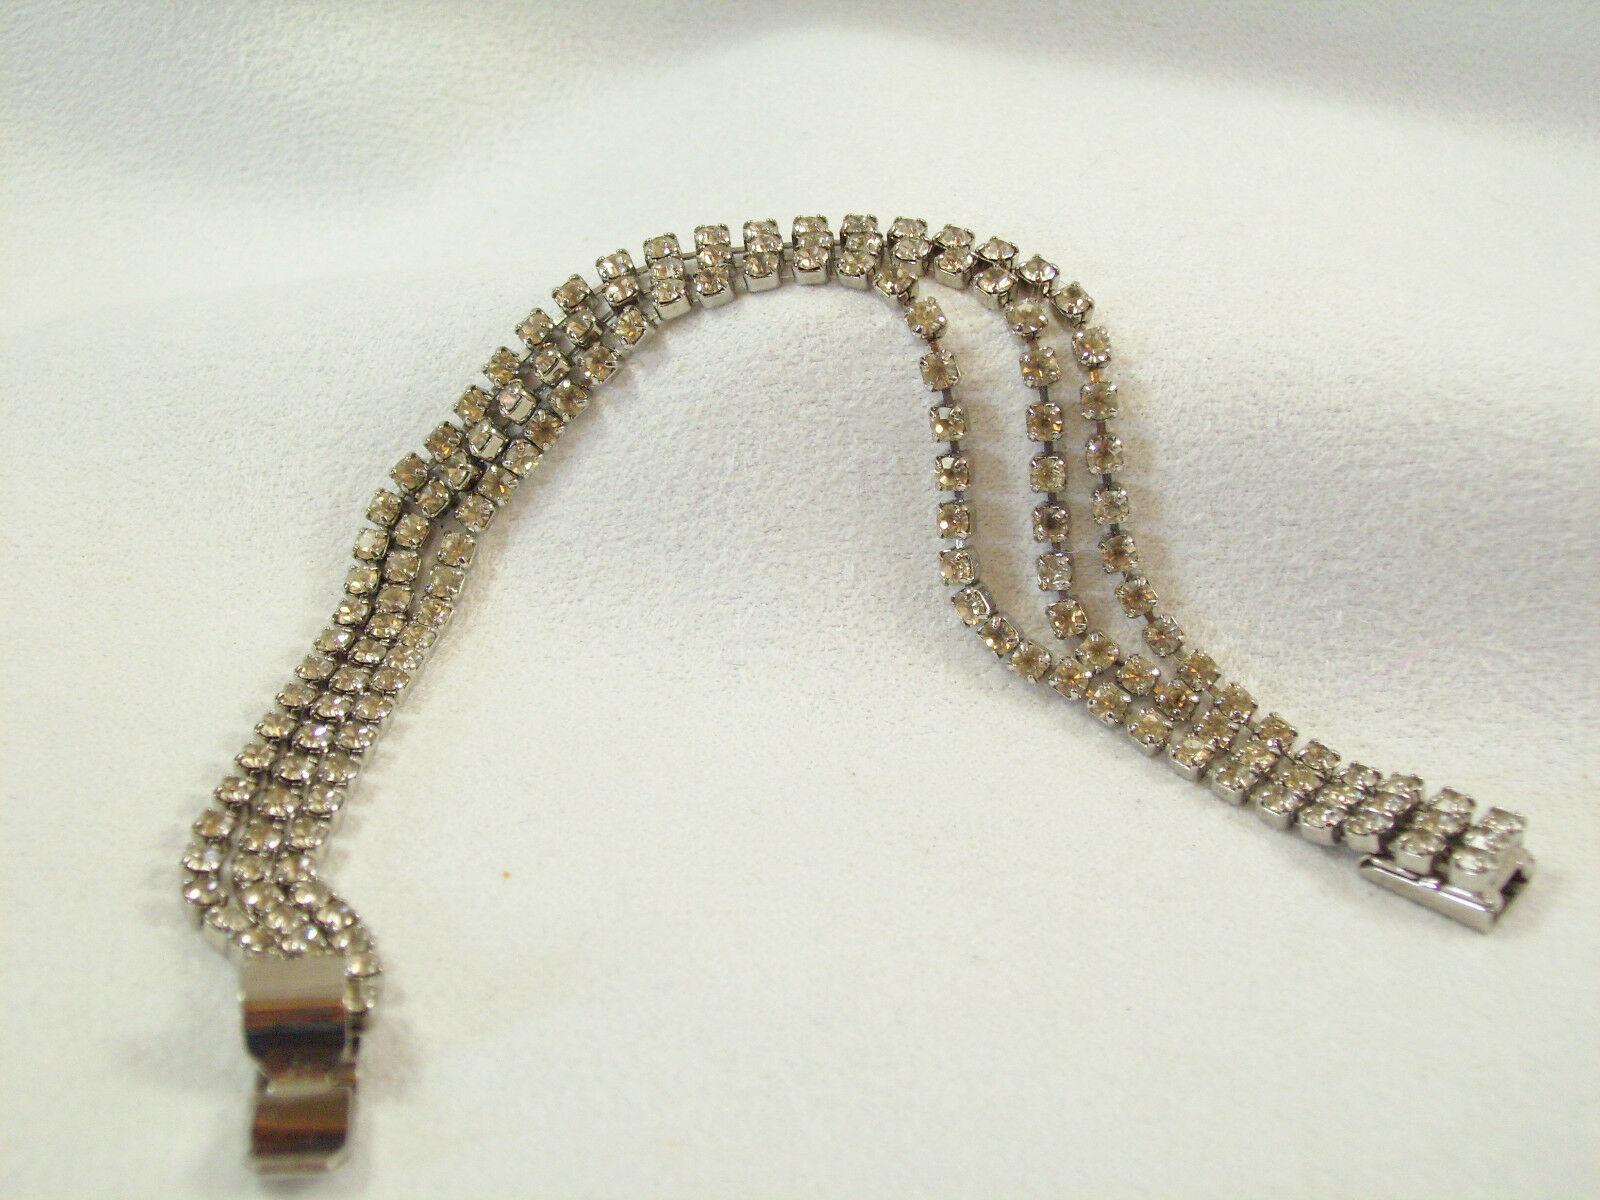 Vintage Rhinestone Bracelet 3 Strands Prong Set Silver Plated Tennis Estate